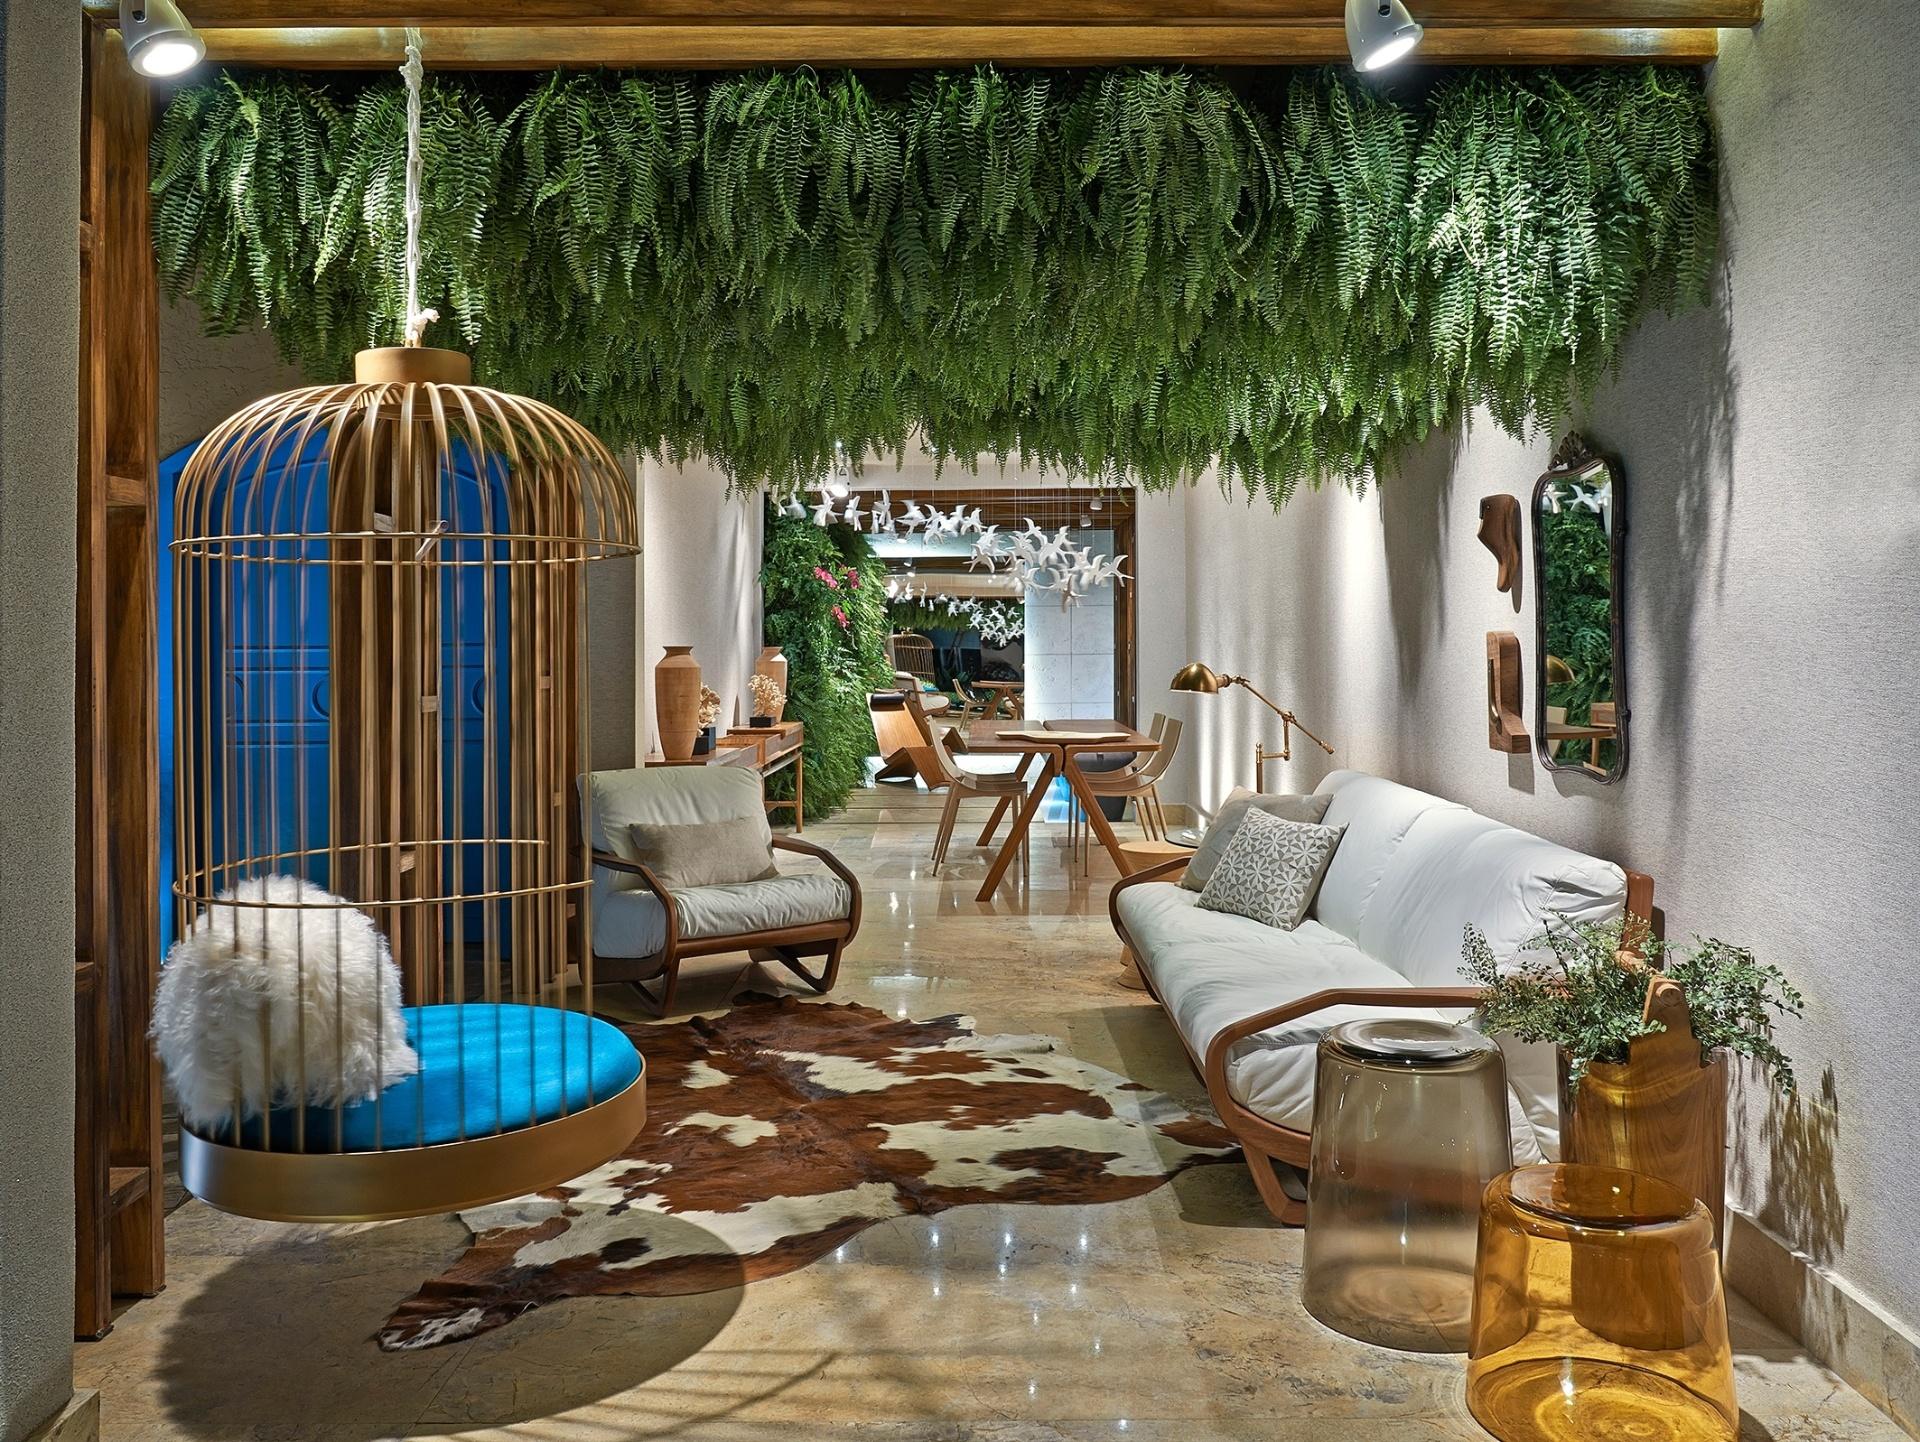 85fa91ec85d Veja dicas de ótimos objetos e móveis para decoração - BOL Fotos ...